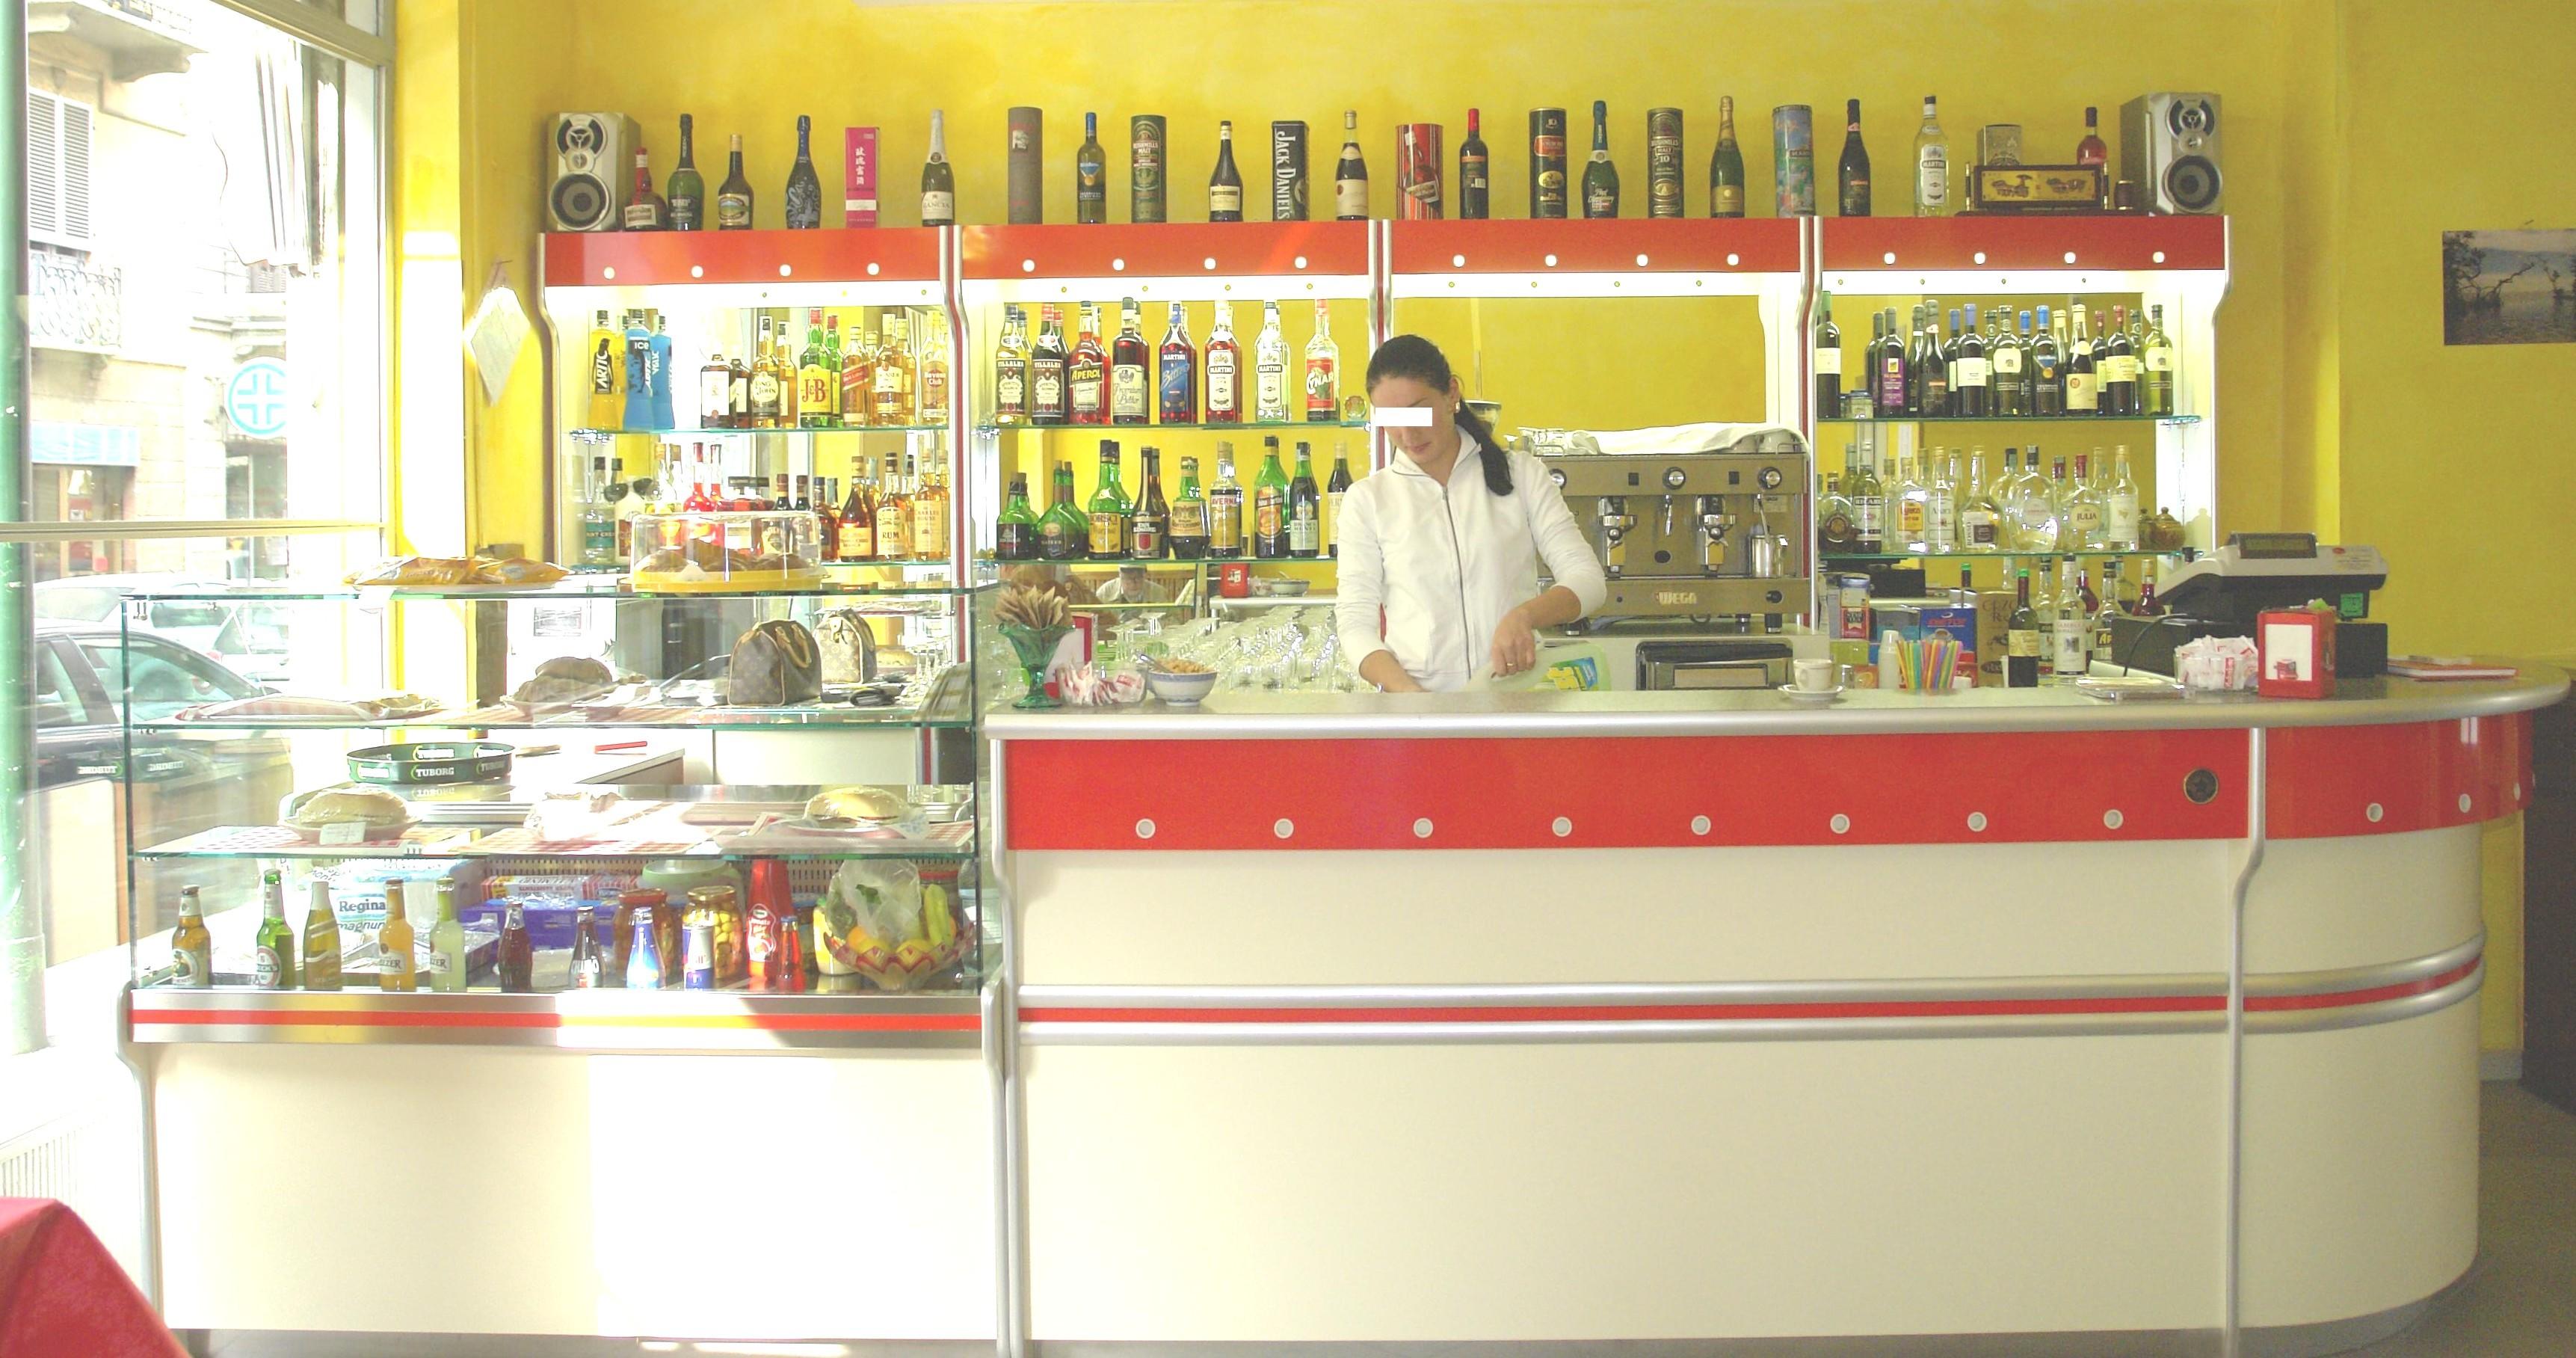 Banchi bar compra in fabbrica a met prezzo novit bar for Arredamento per bar prezzi